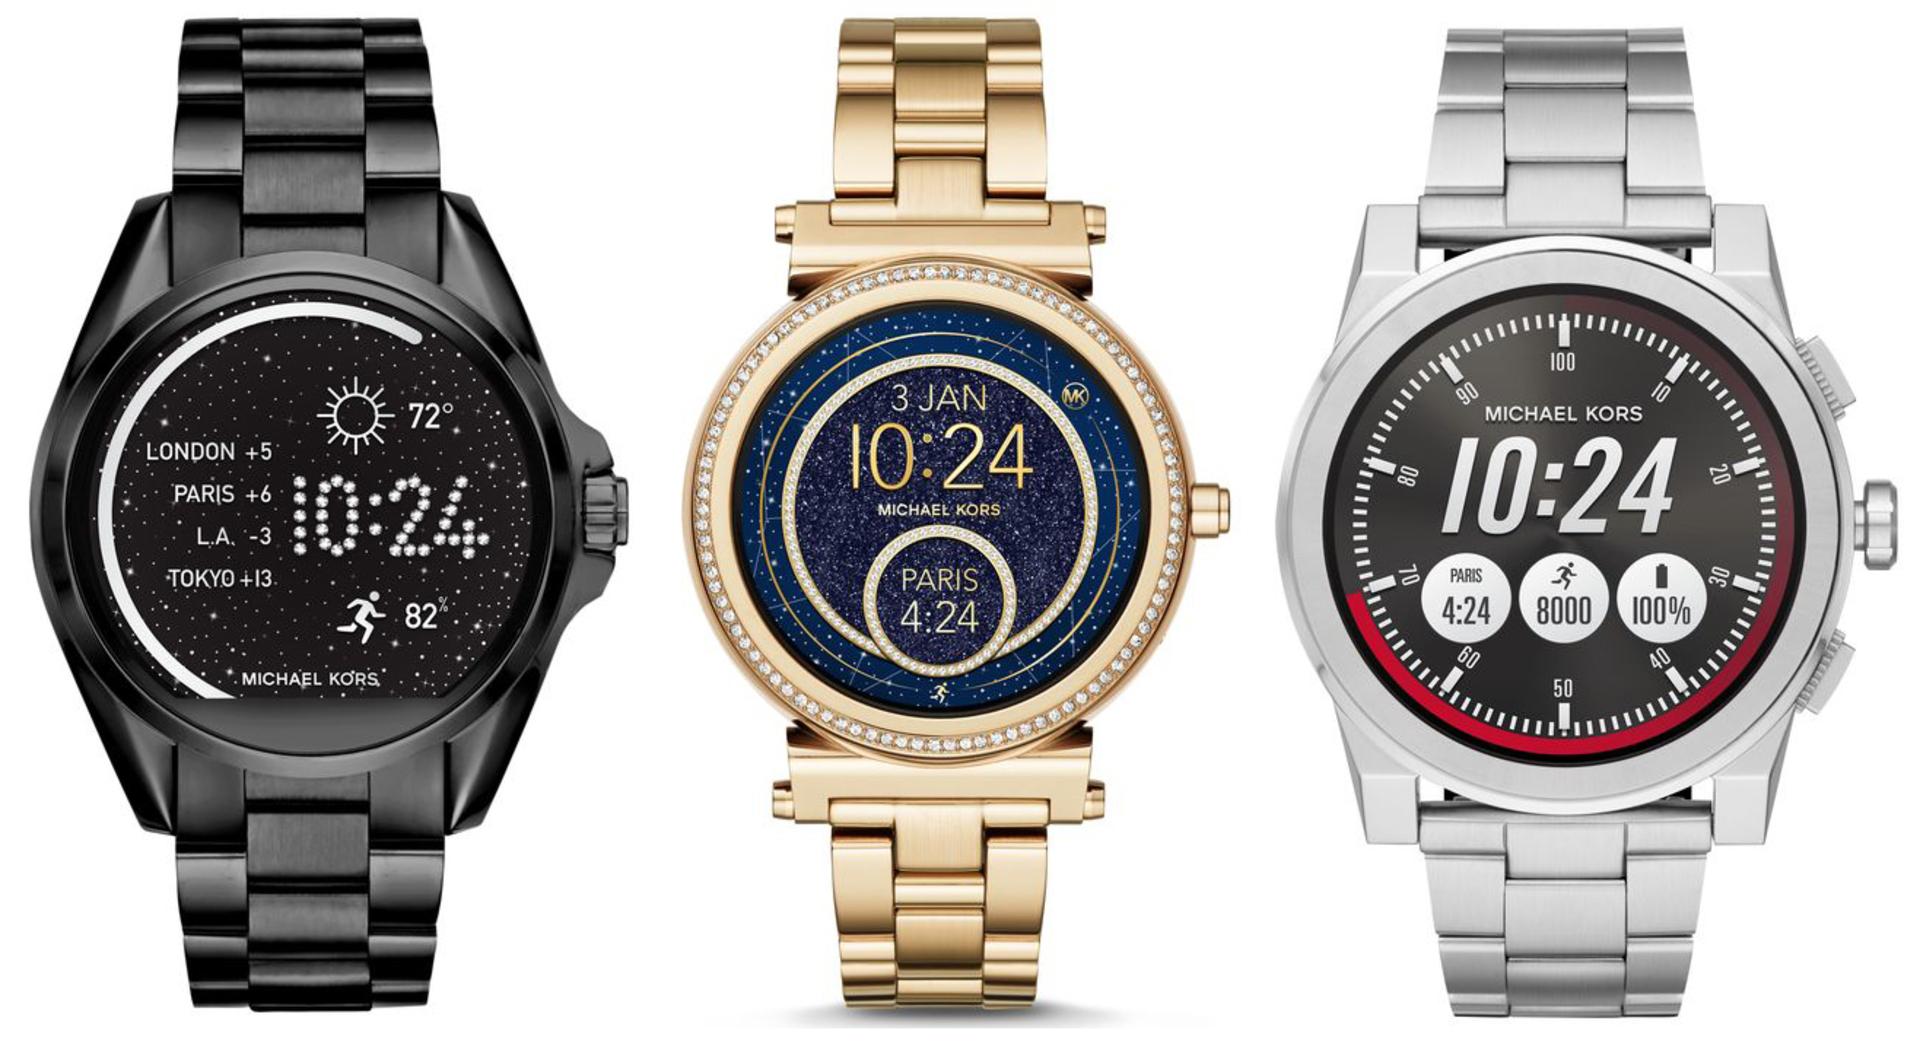 Fossil Group kondigt nieuwe smartwatches aan